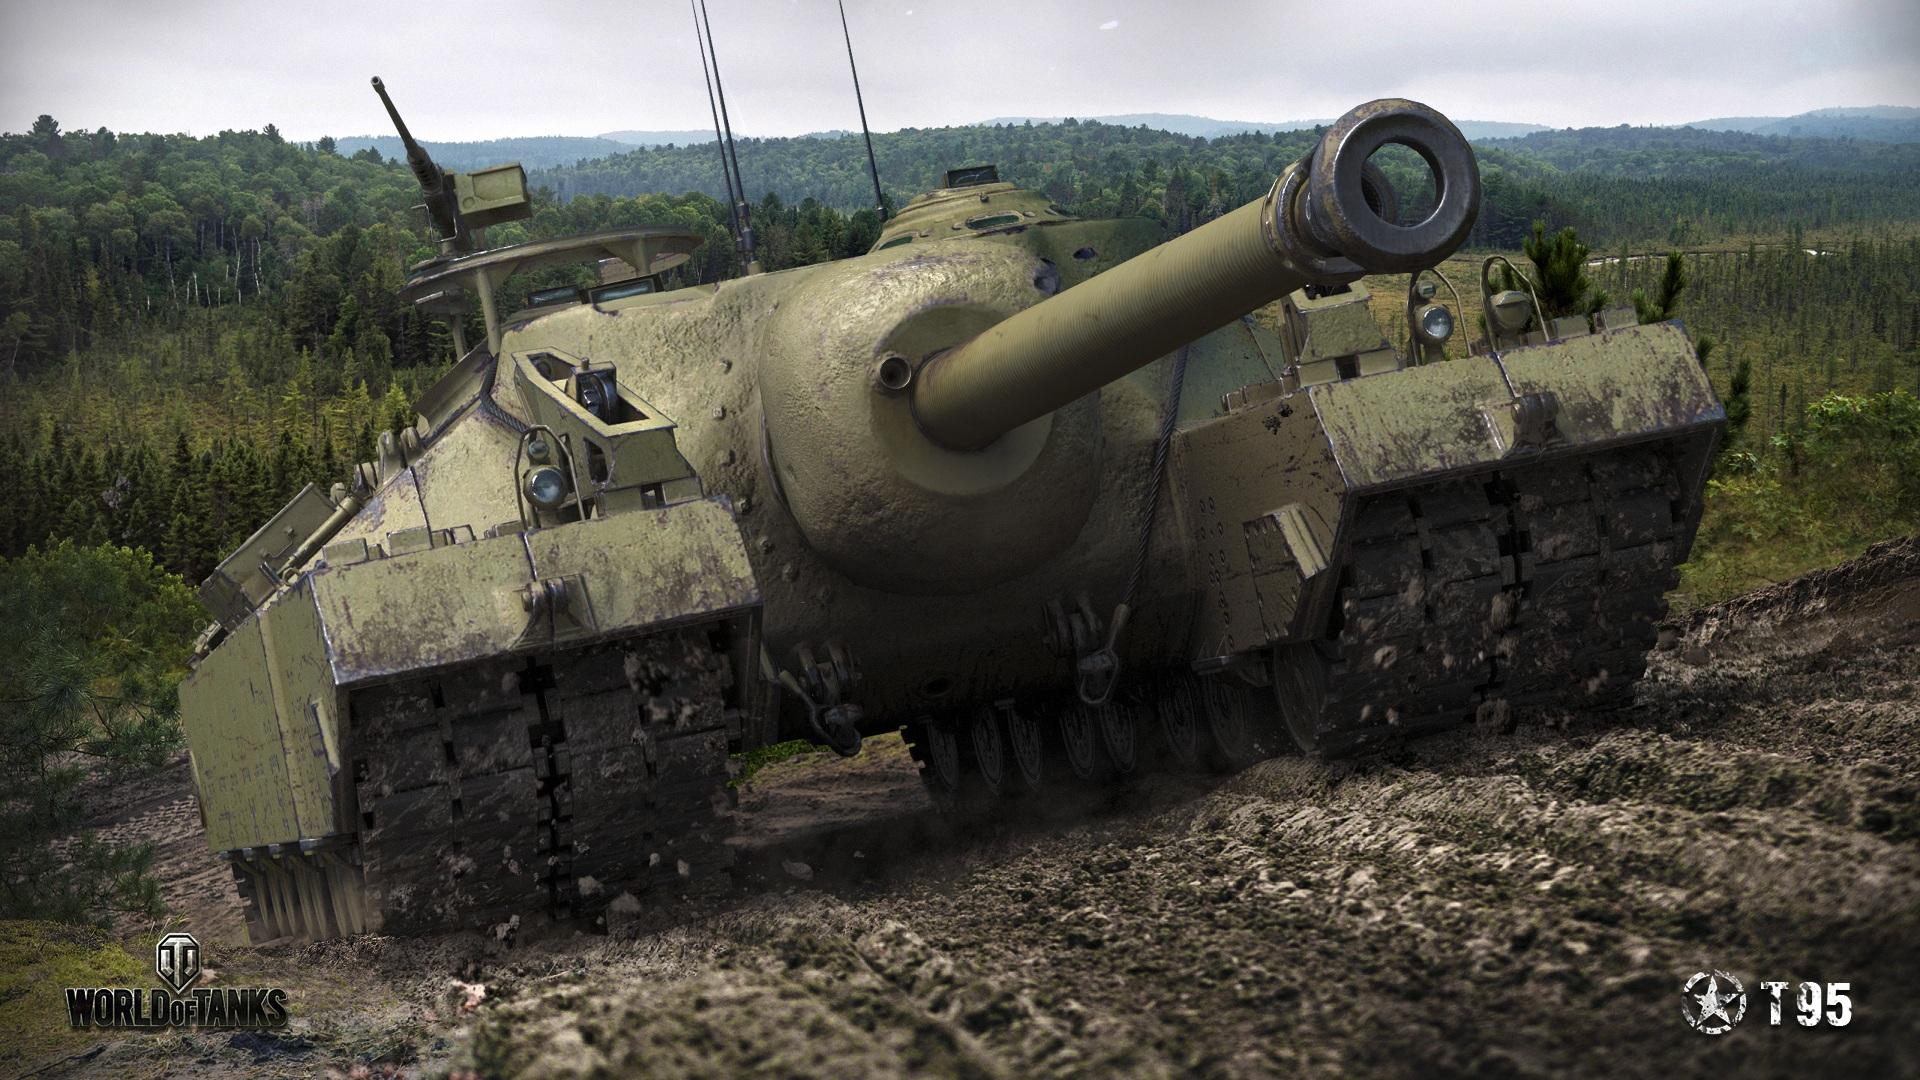 壁紙、1920x1080、ワールドオブタンクス、自走砲、T95、アメリカの、泥 ...